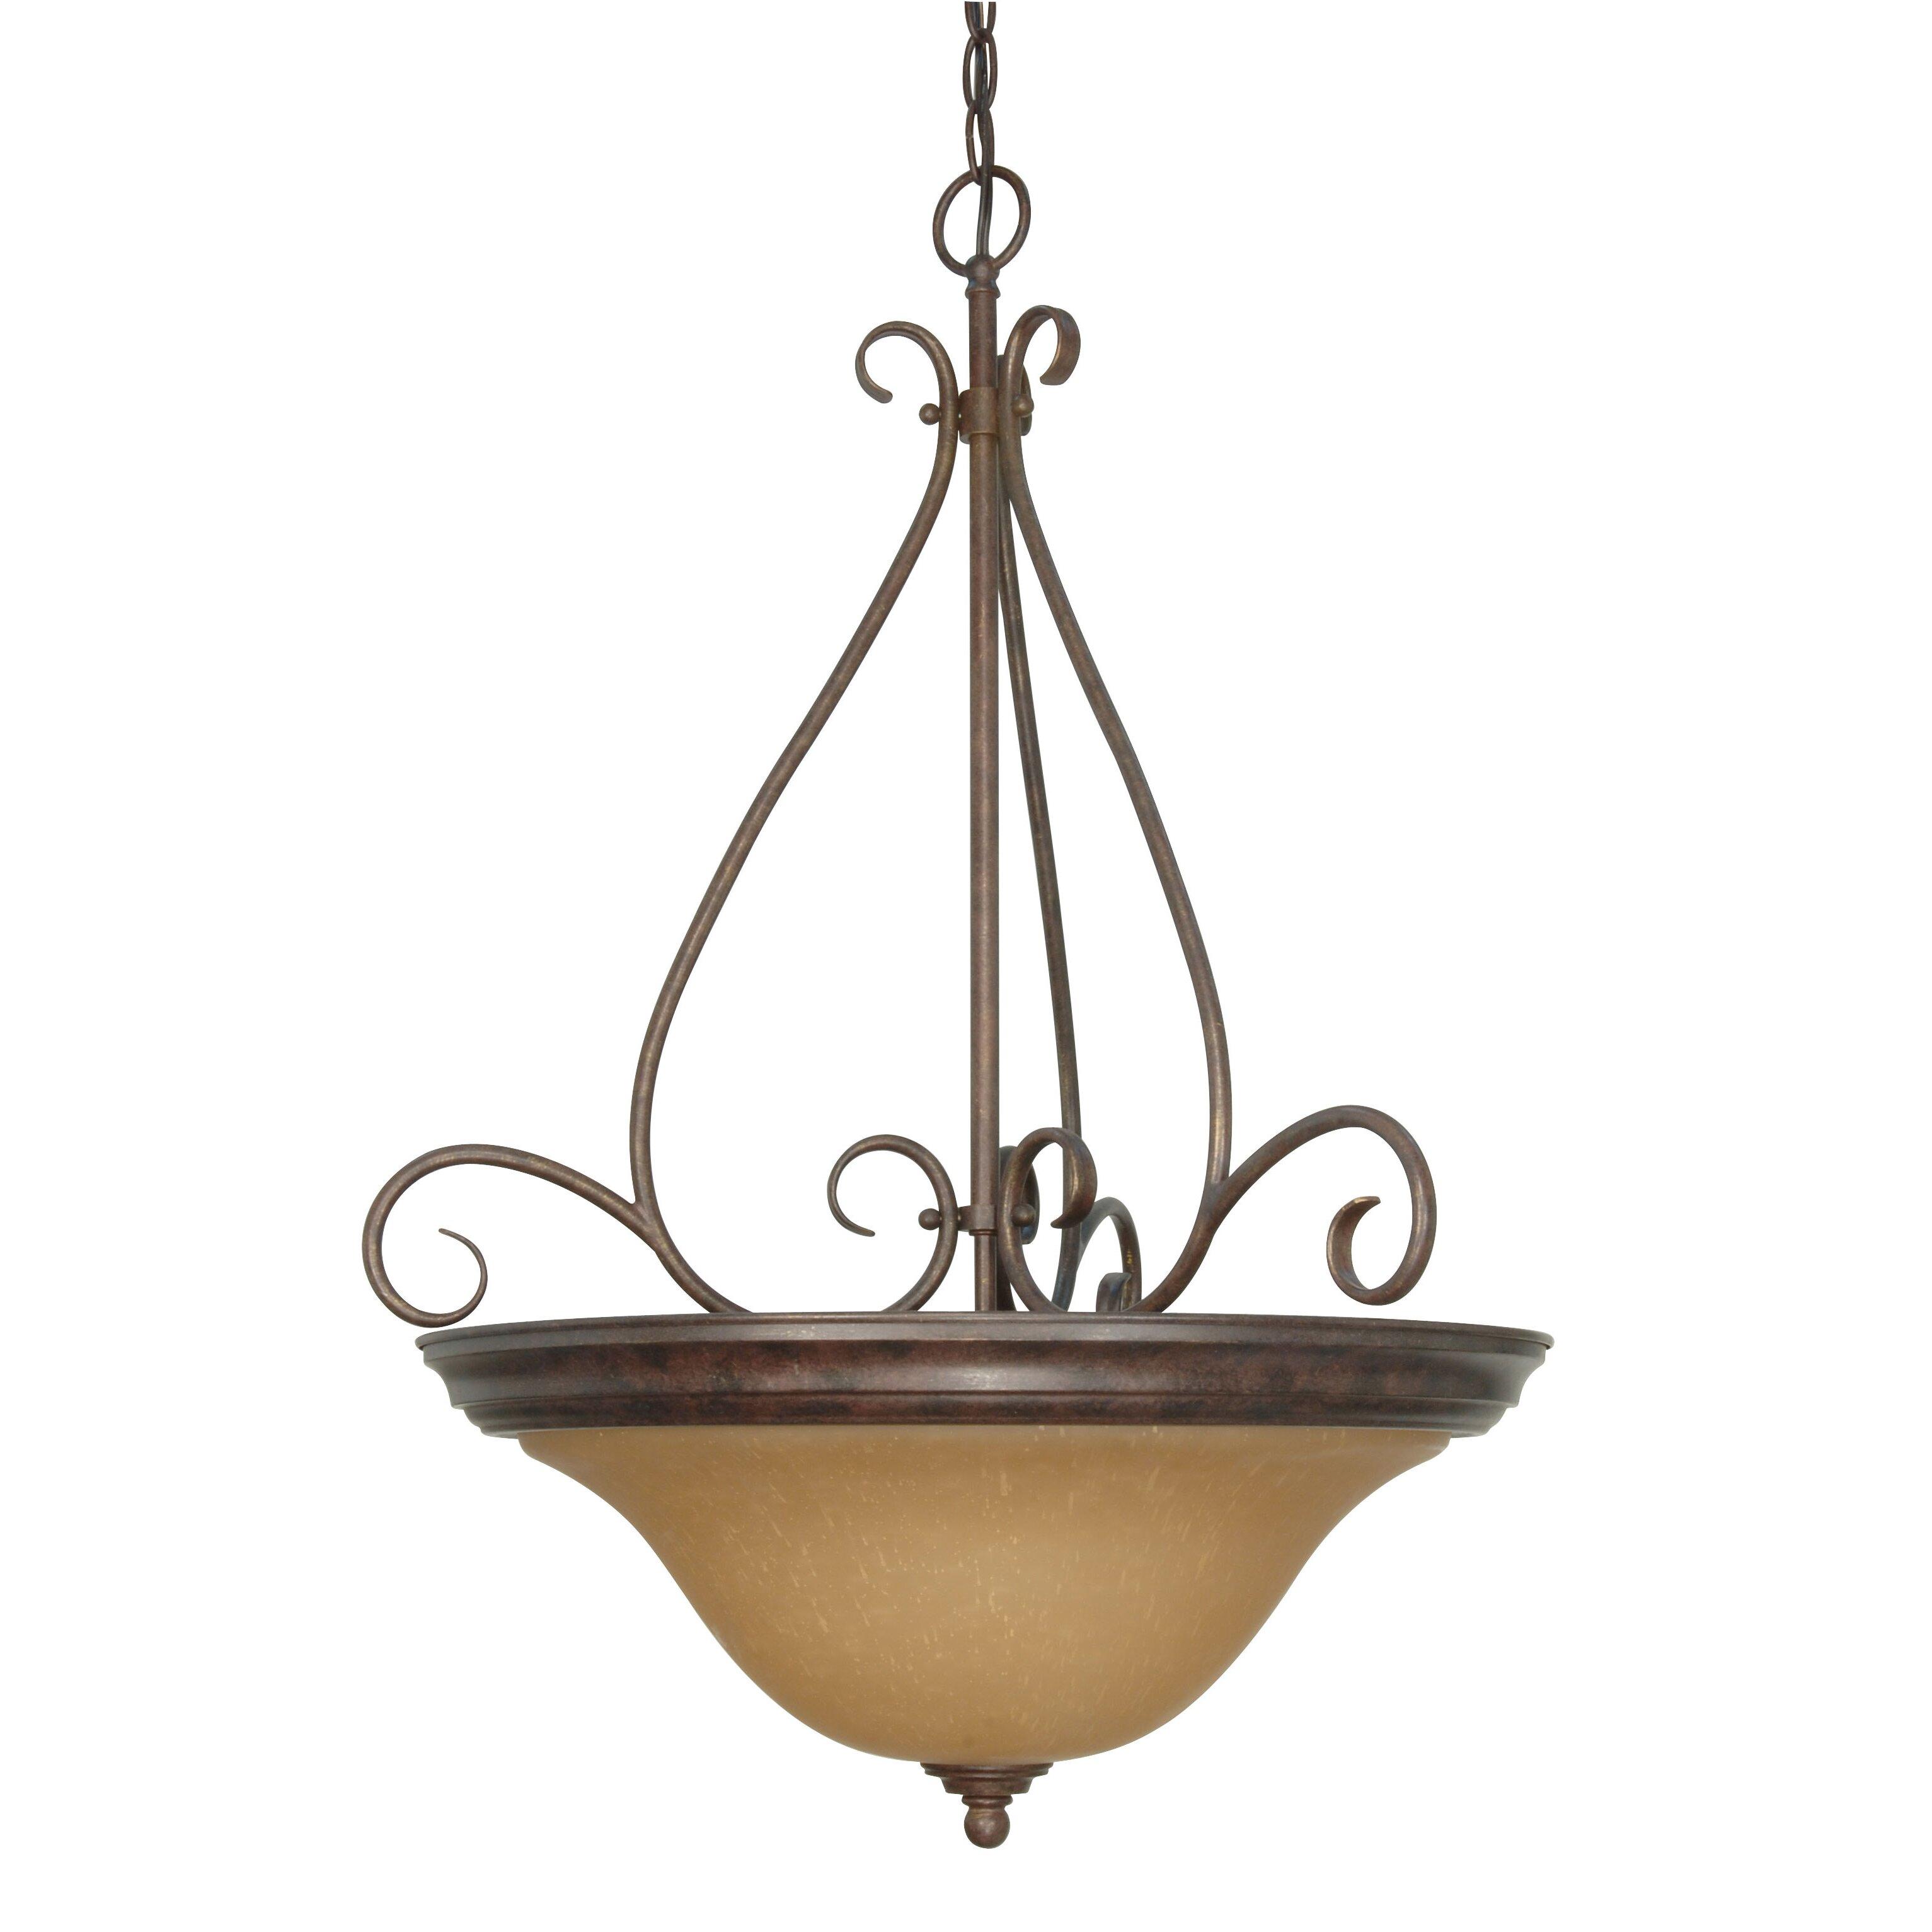 lighting ceiling lights bowl or inverted pendants nuvo lighting. Black Bedroom Furniture Sets. Home Design Ideas